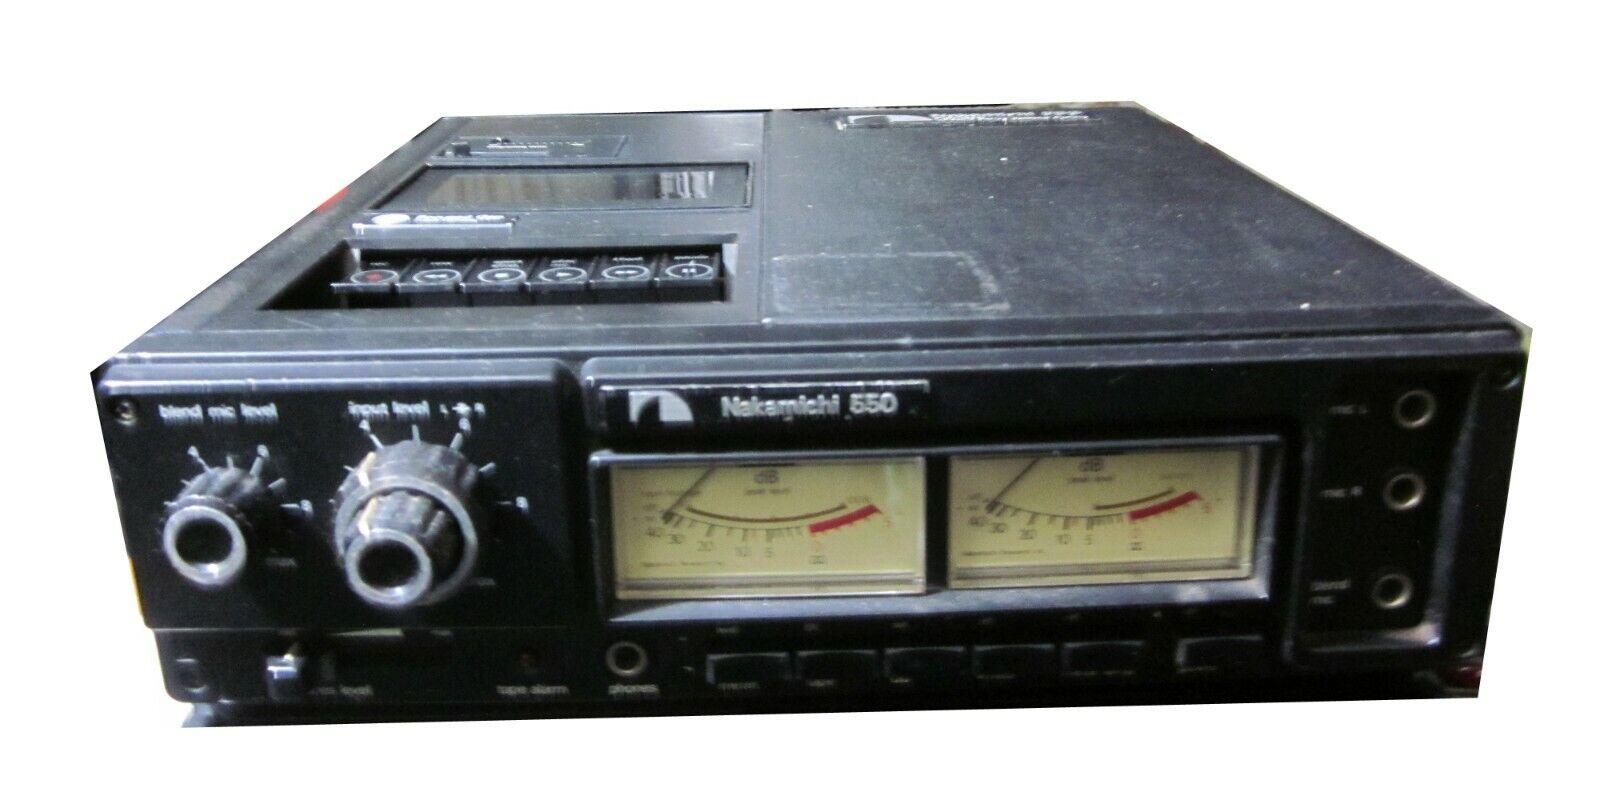 Nakami  550 Professionell 3 Mikrofon Feld Tragbar Kassette Rekorder Voll